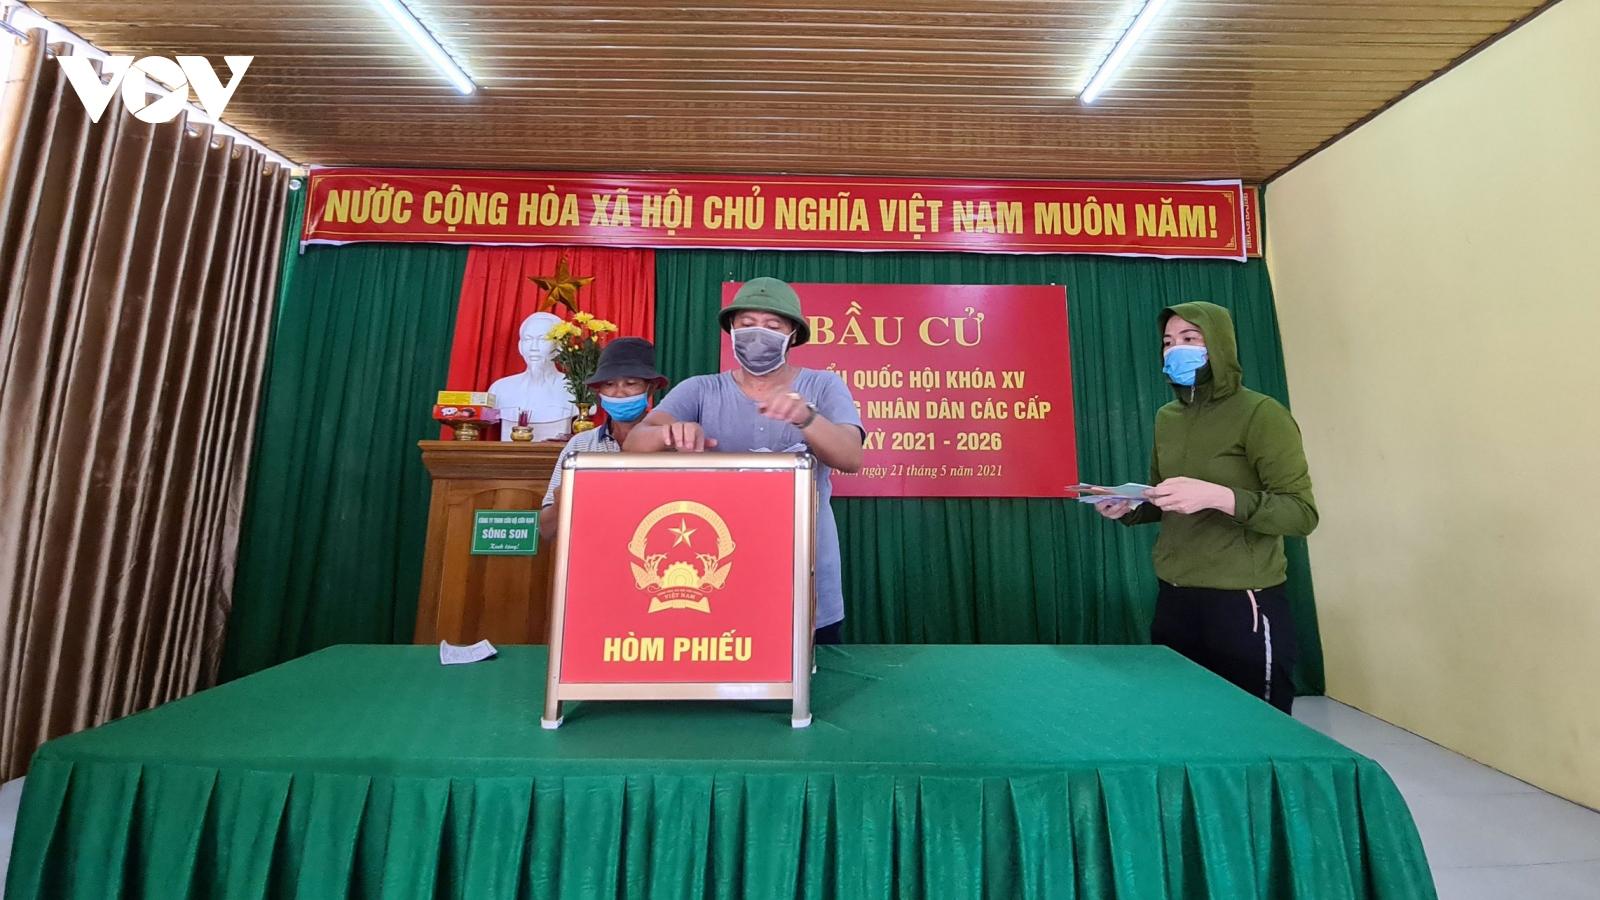 2 huyện ở Quảng Bình tổ chức bầu cử sớm do giao thông đi lại khó khăn